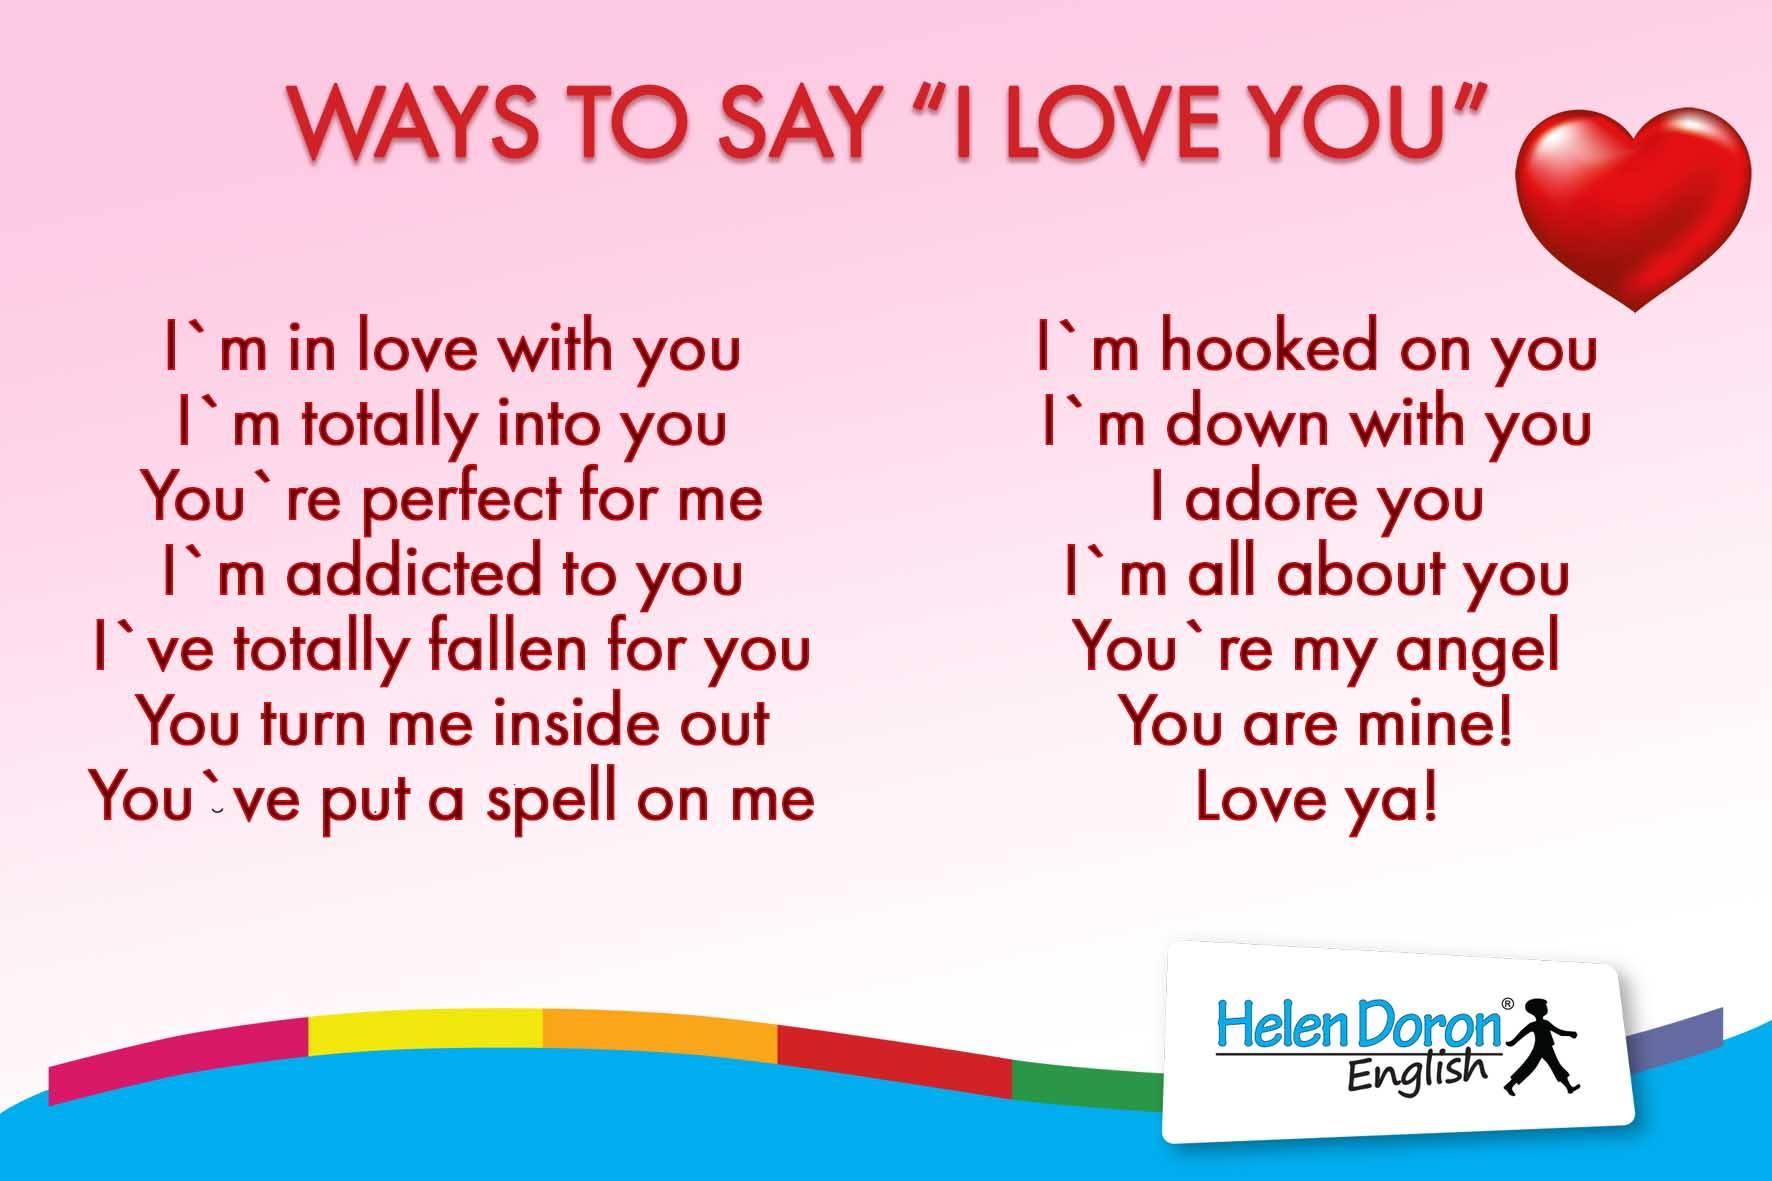 14 frases y una canci³n de amor para decir te quiero en inglés Helen Doron